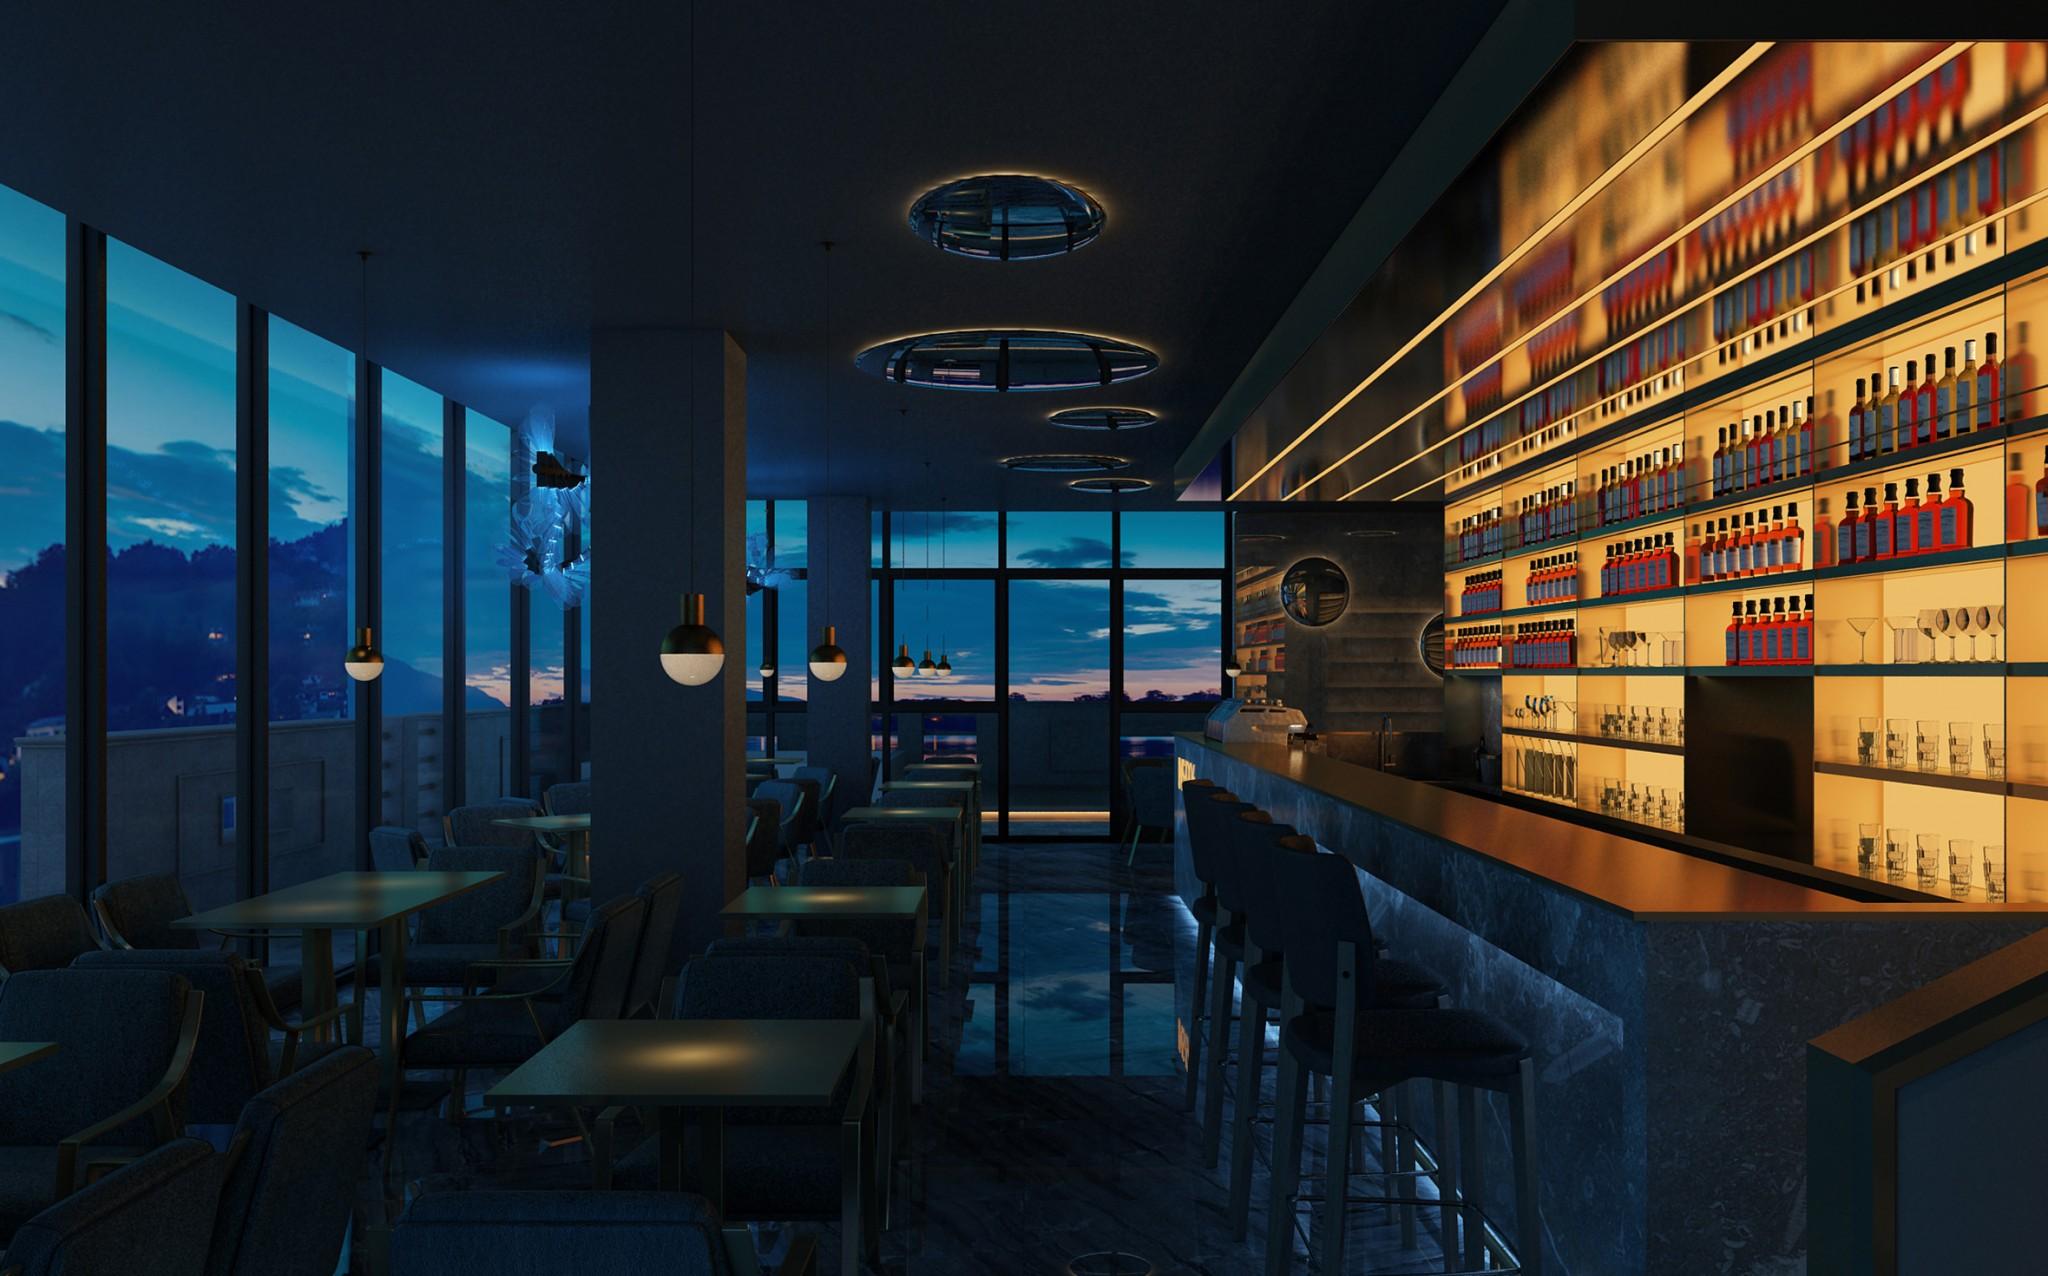 酒吧商业空间设计-INS19968c07a9650830968e4bb3ecb49be398ec